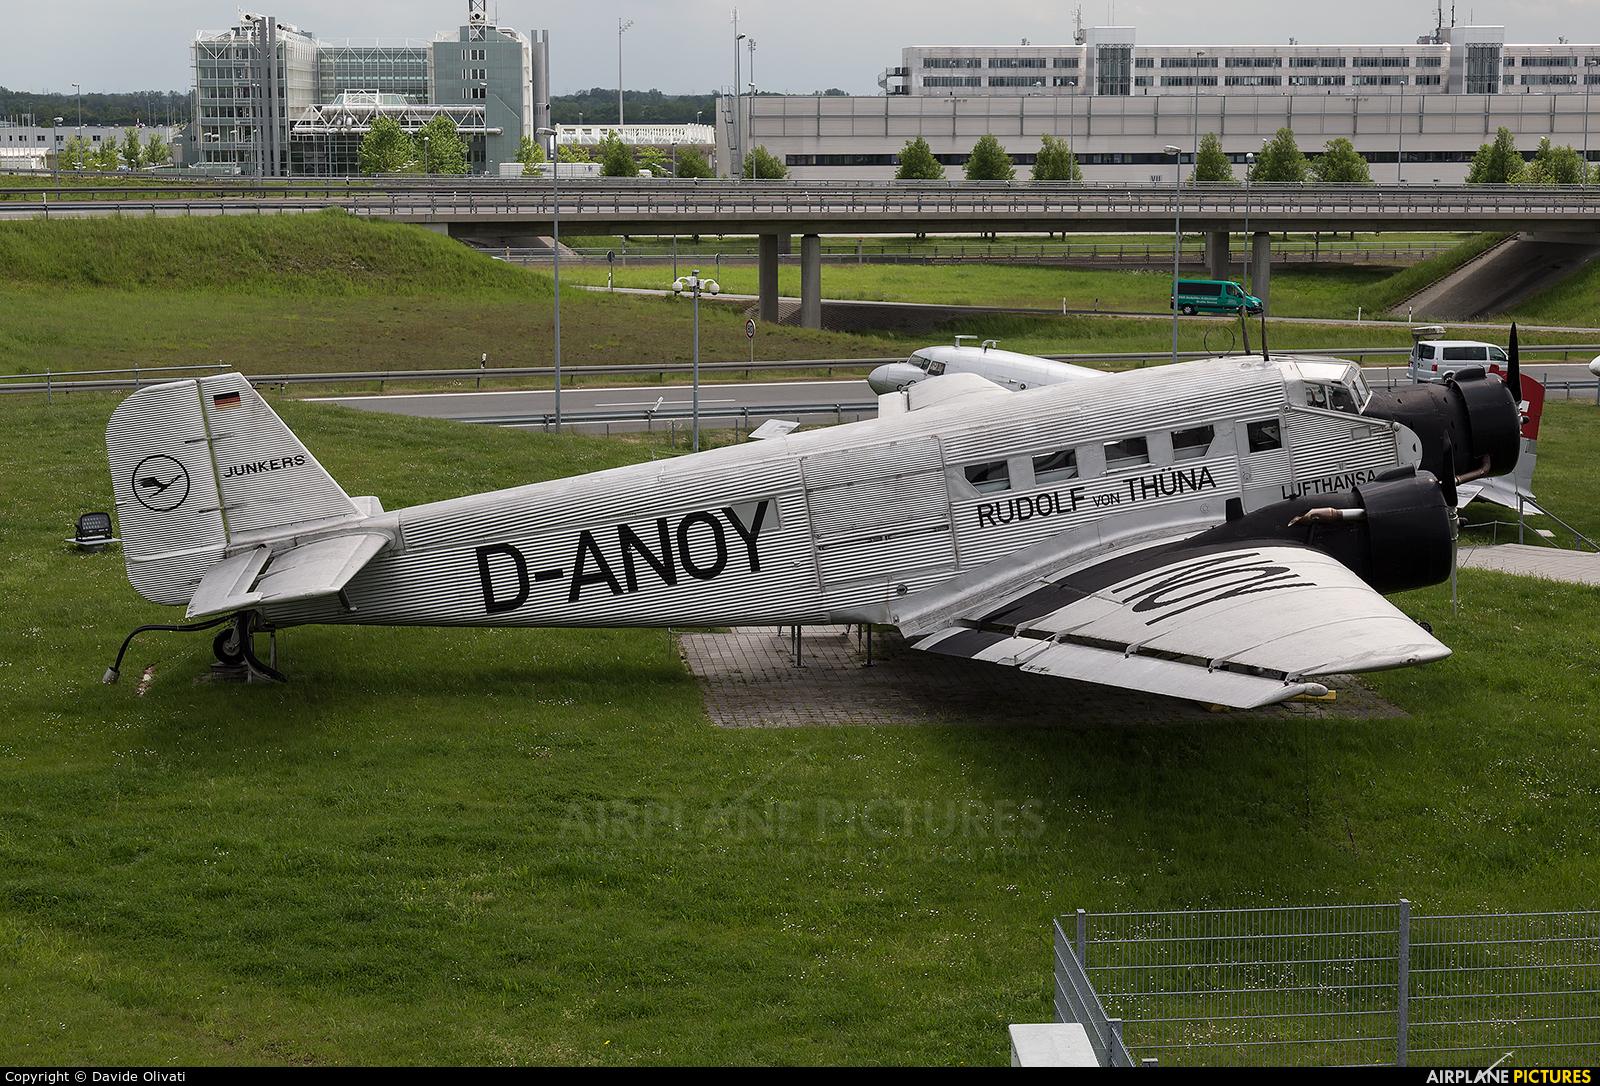 Lufthansa D-ANOY aircraft at Munich